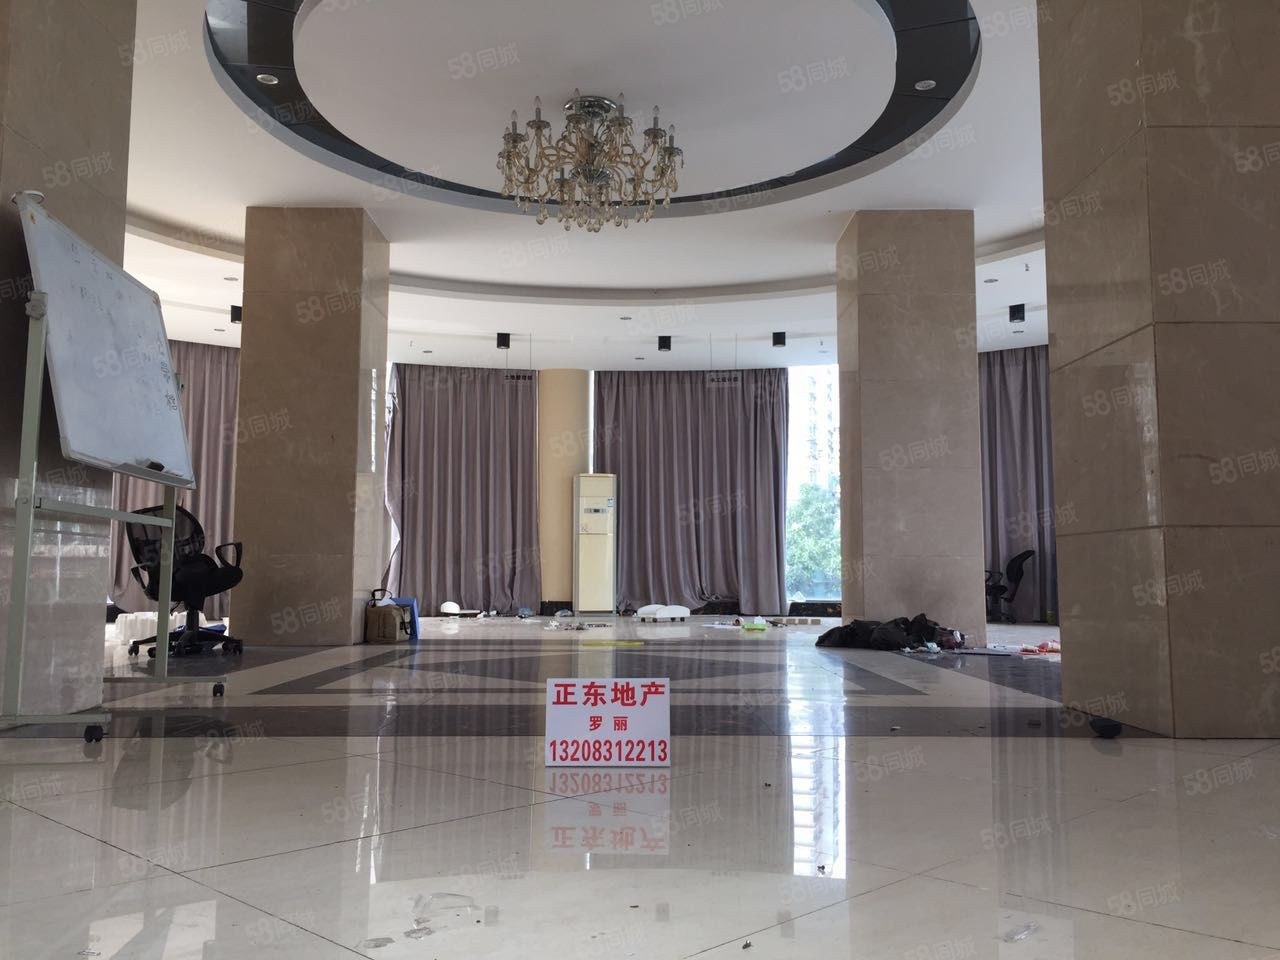 皇冠假日酒店旁,临街旺铺开发商招租,适合各种业态